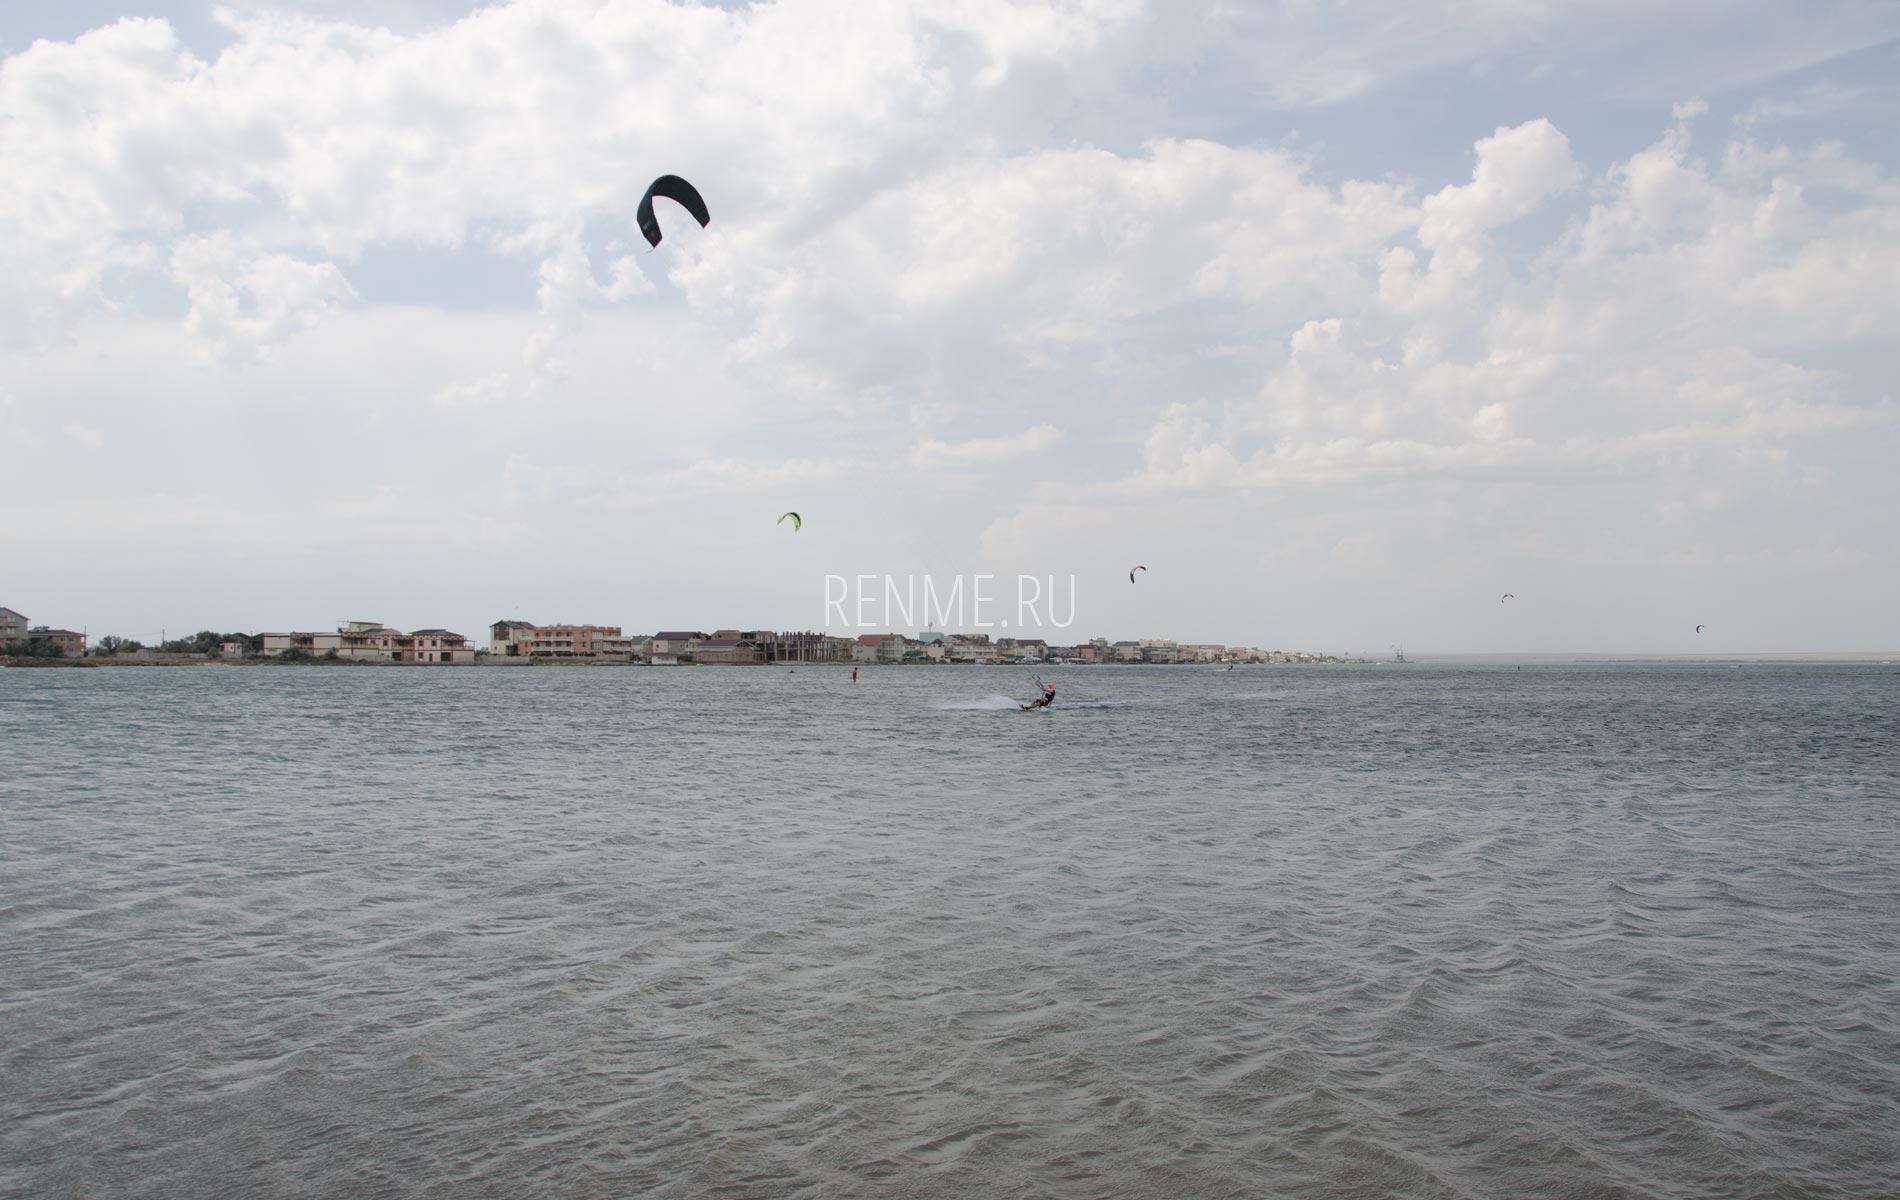 Кайт в Крыму 2020. Фото Мирного